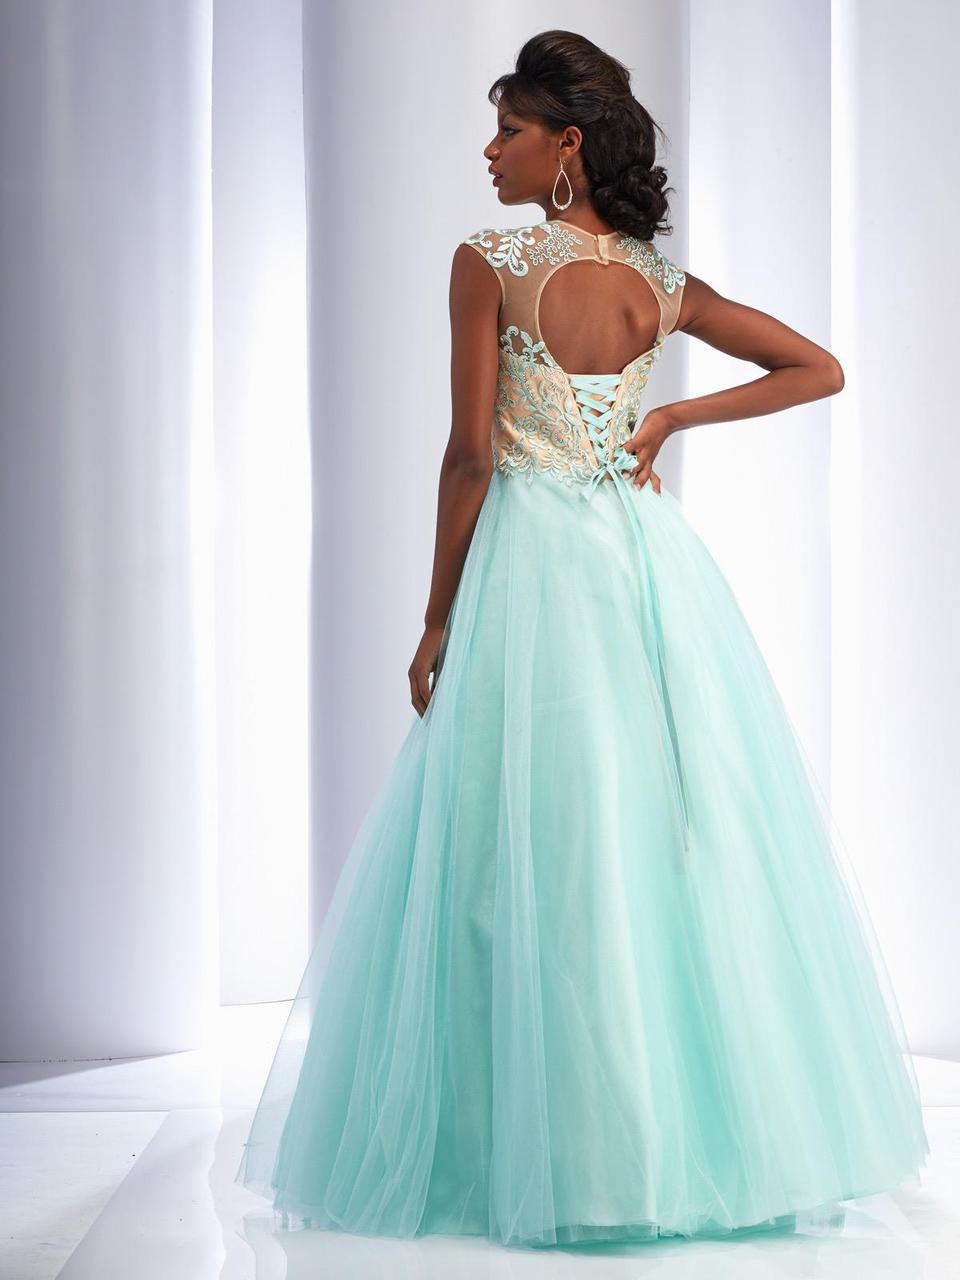 Clarisse 2701 Prom Dress - Prom-Avenue